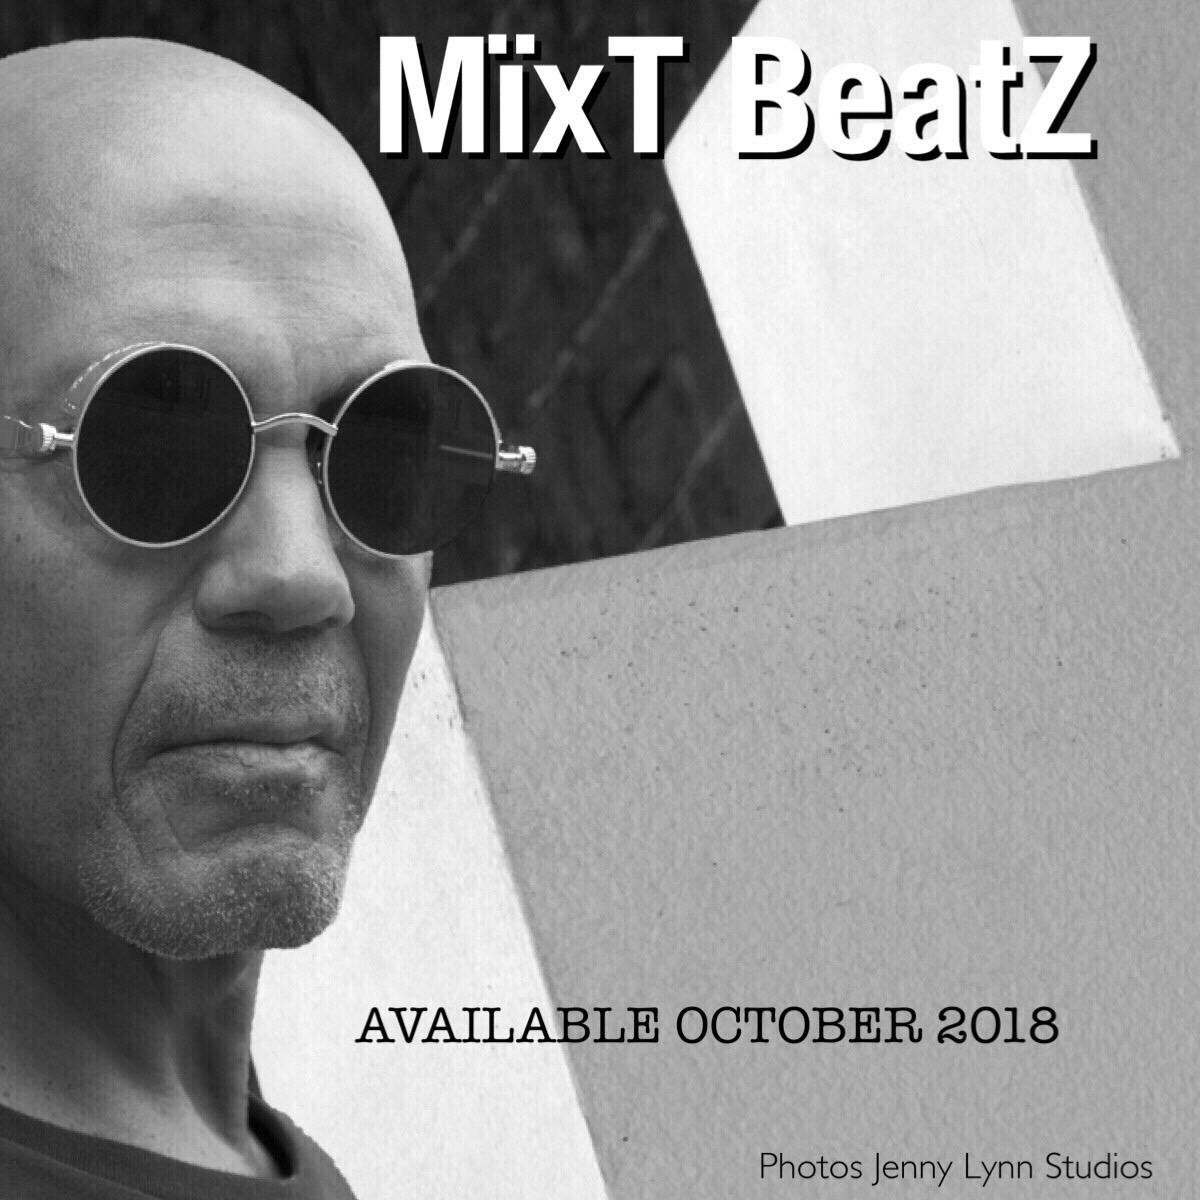 MïxT BeatZ